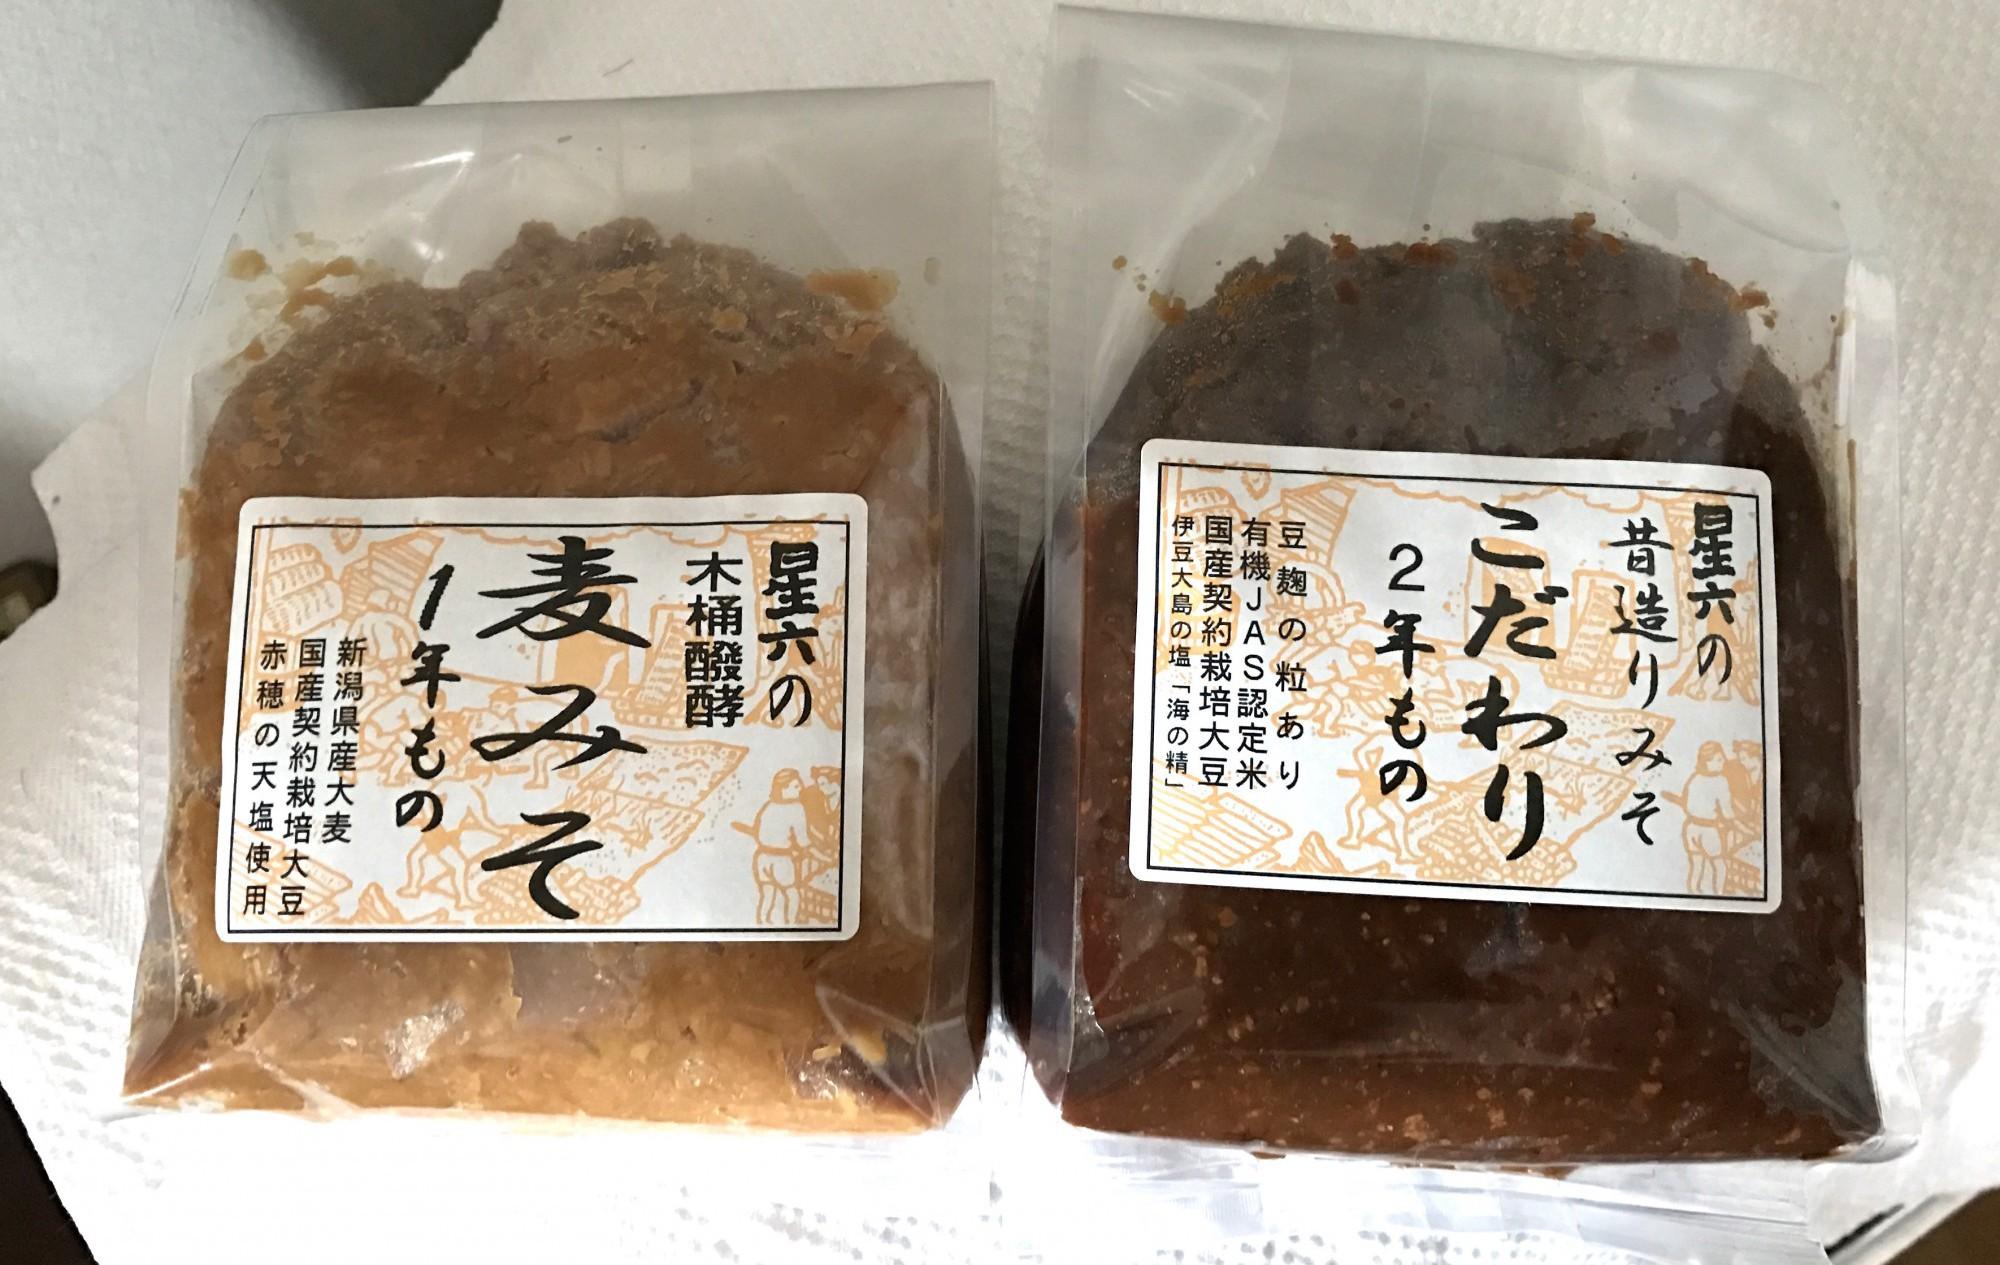 星野さんに選んでもらった味噌。独特の風味と酸味が病みつきになりそう。Photo: Akiko Matsumaru